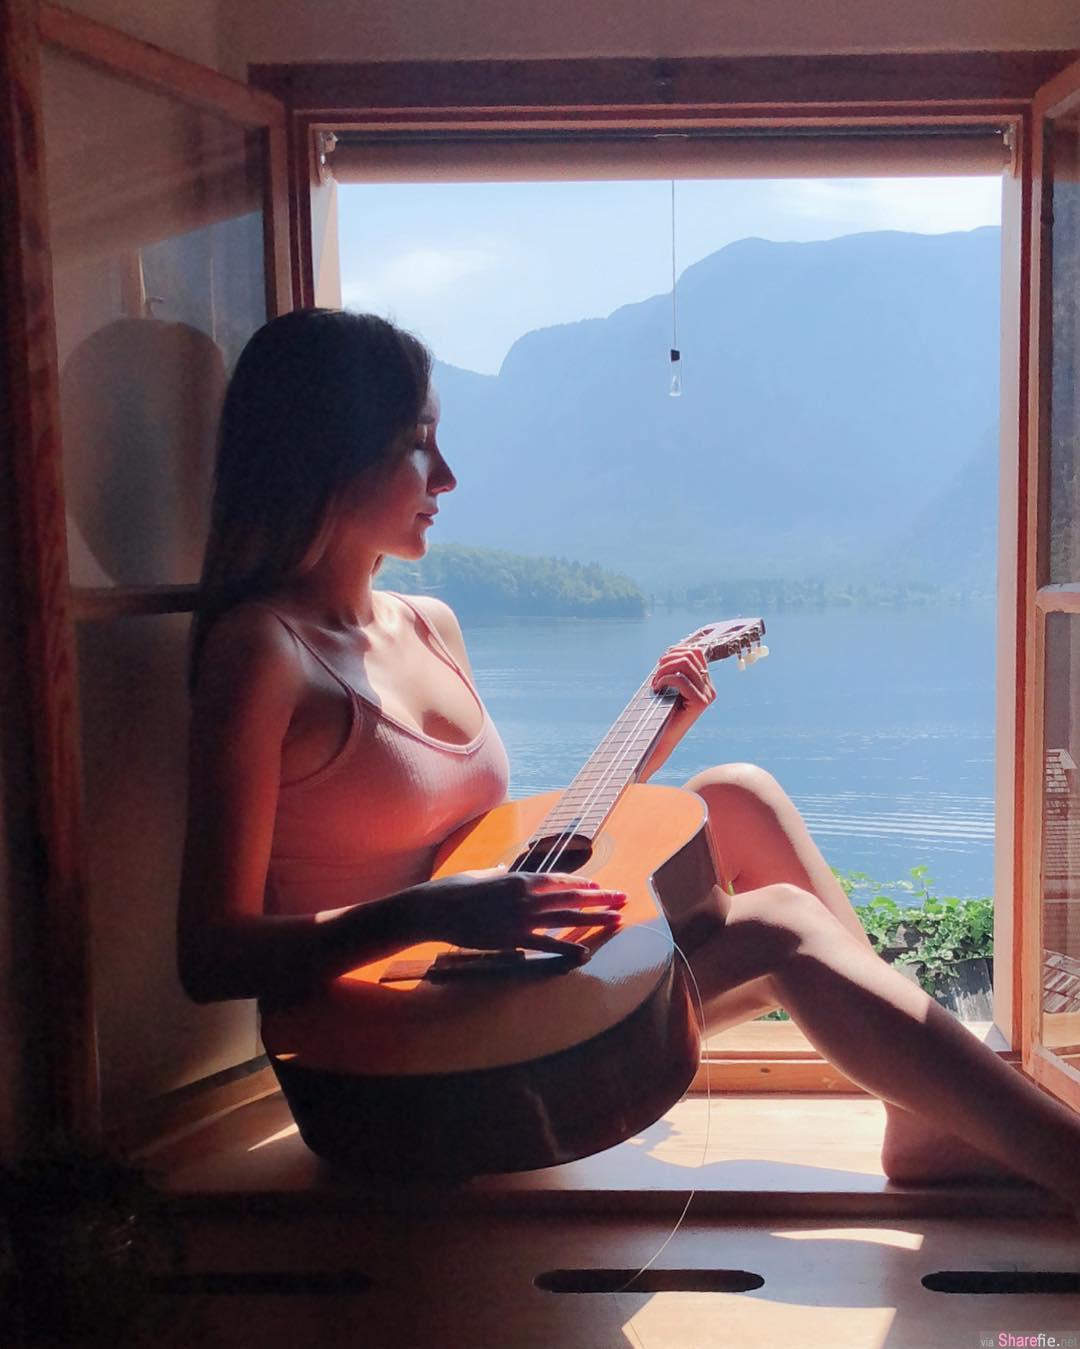 正妹zoe cao窗前抱吉他,浑圆饱满身材网友想抱紧处理